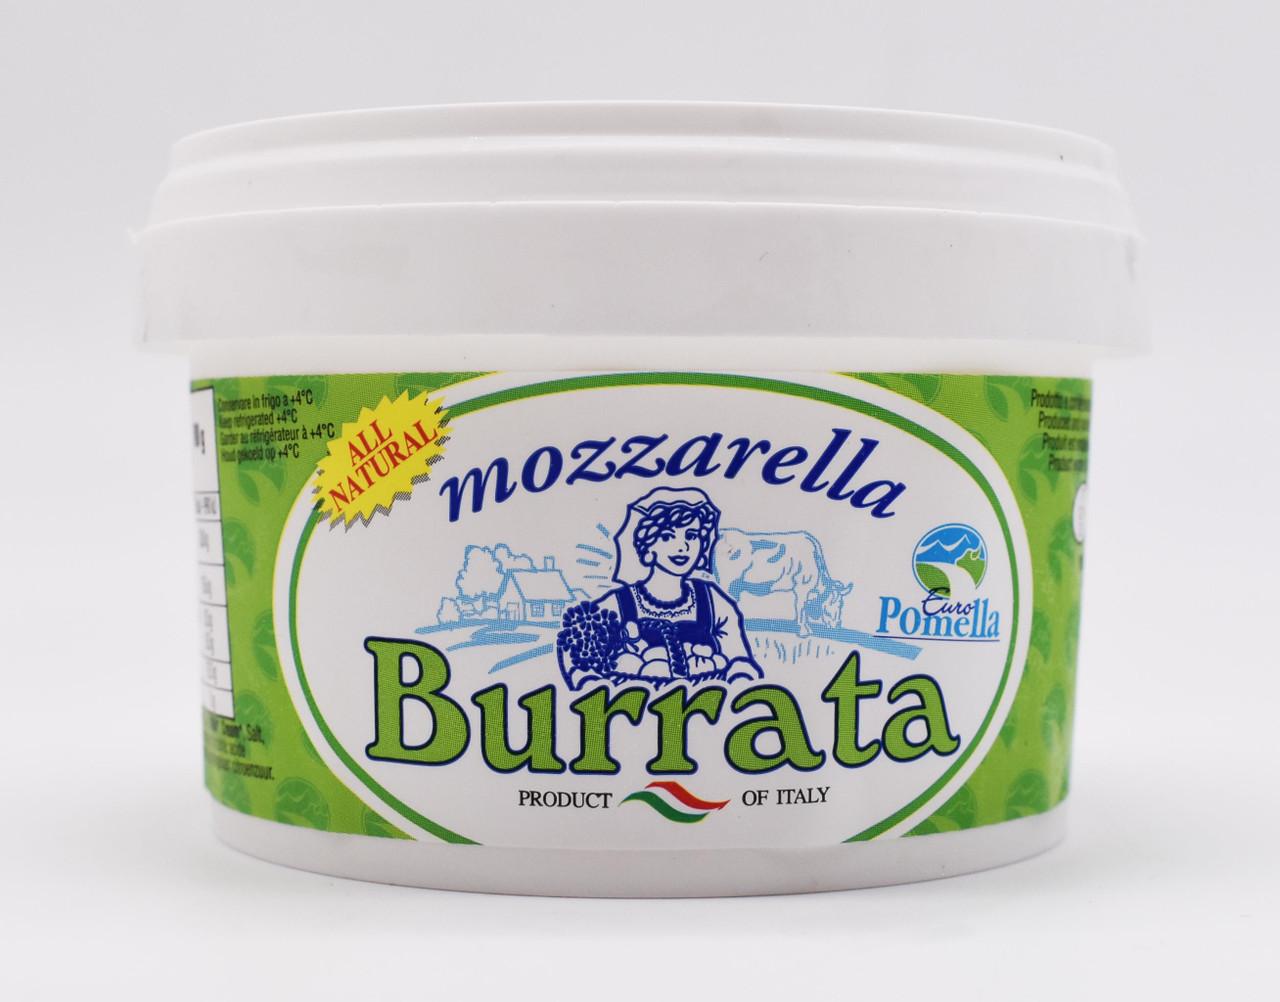 BURRATA MOZZARELLA 125g - FROZEN